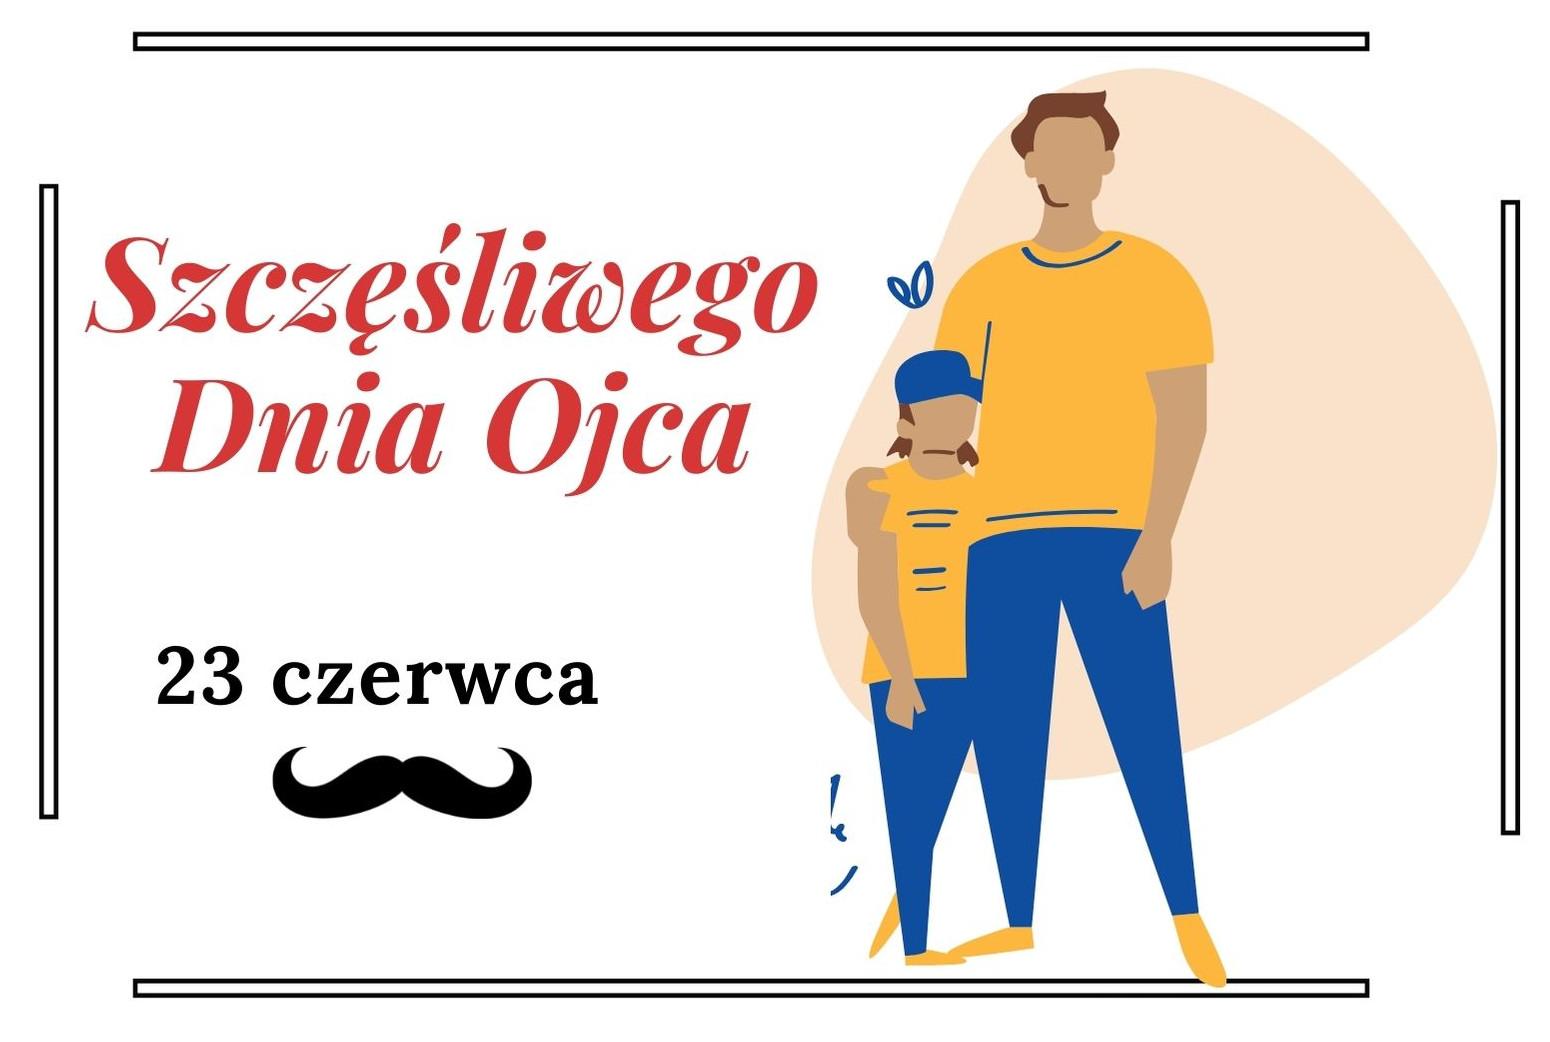 Zdjęcie plakatu z okazji Dnia Ojca.